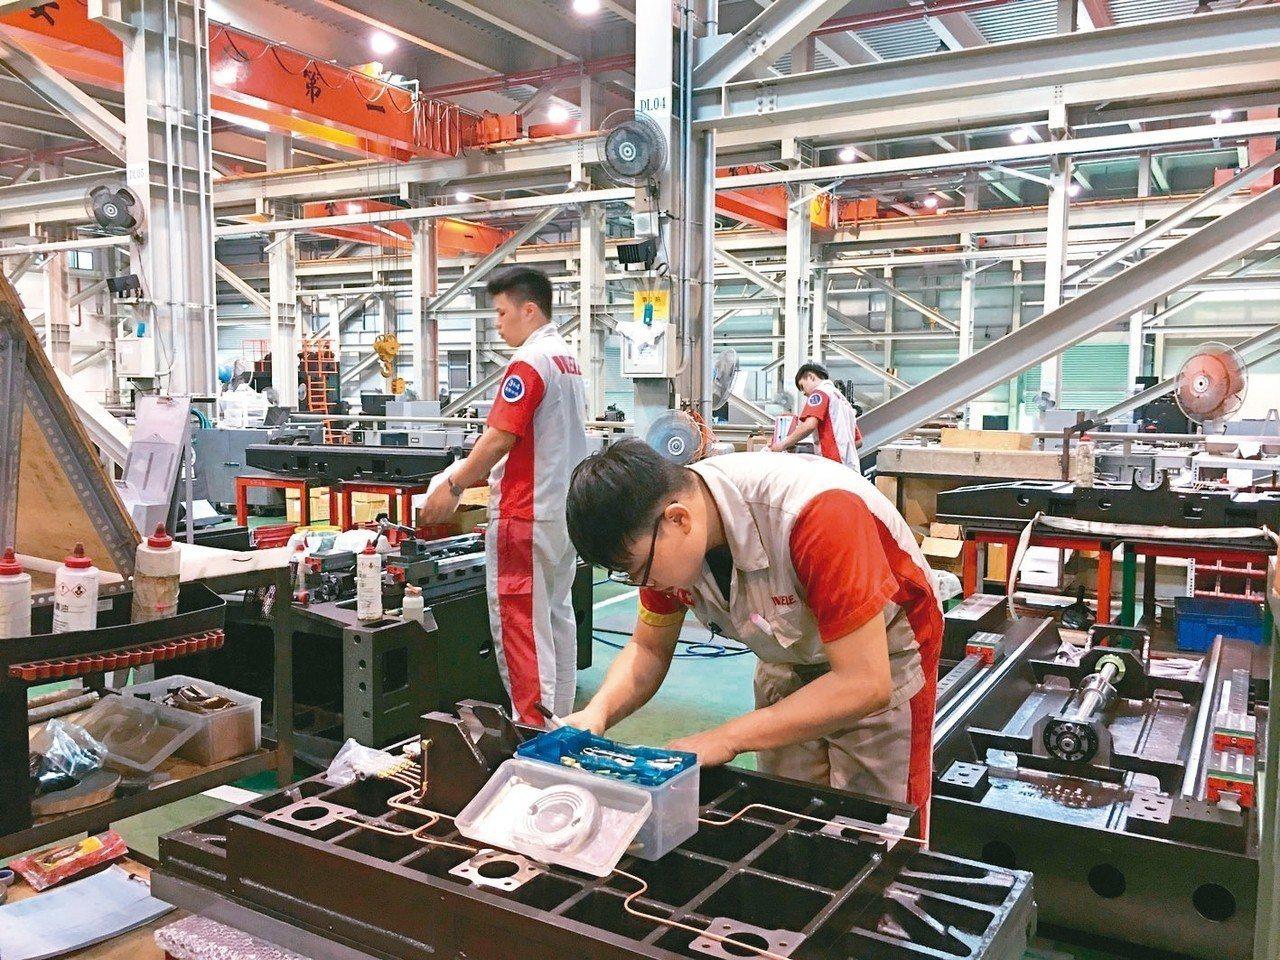 經濟部提出產業外勞外展試辦計畫,供彰濱工業區內廠商因應急單缺工之用。 圖/聯合報...